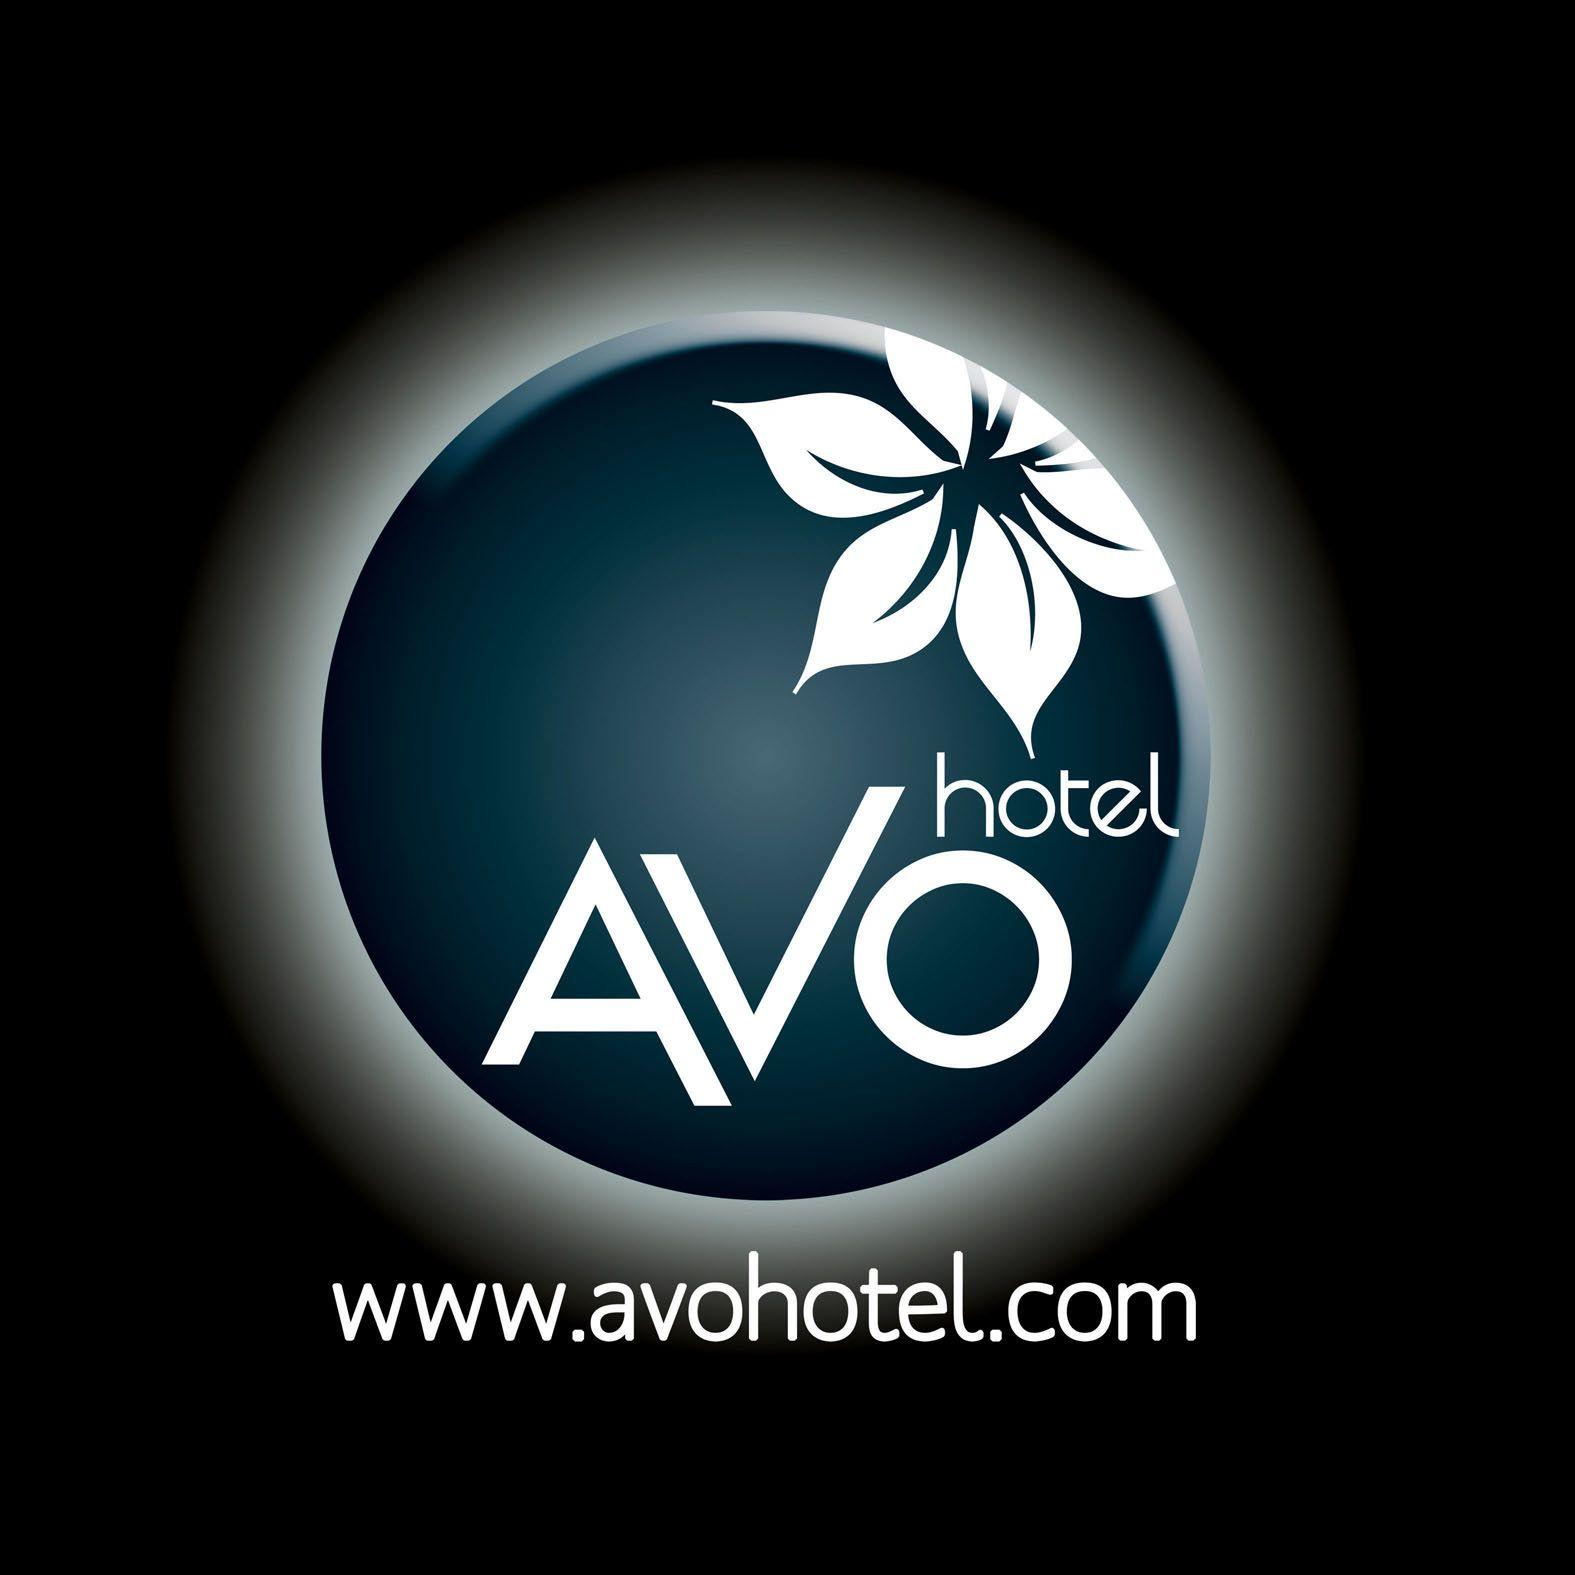 アヴォ ホテル